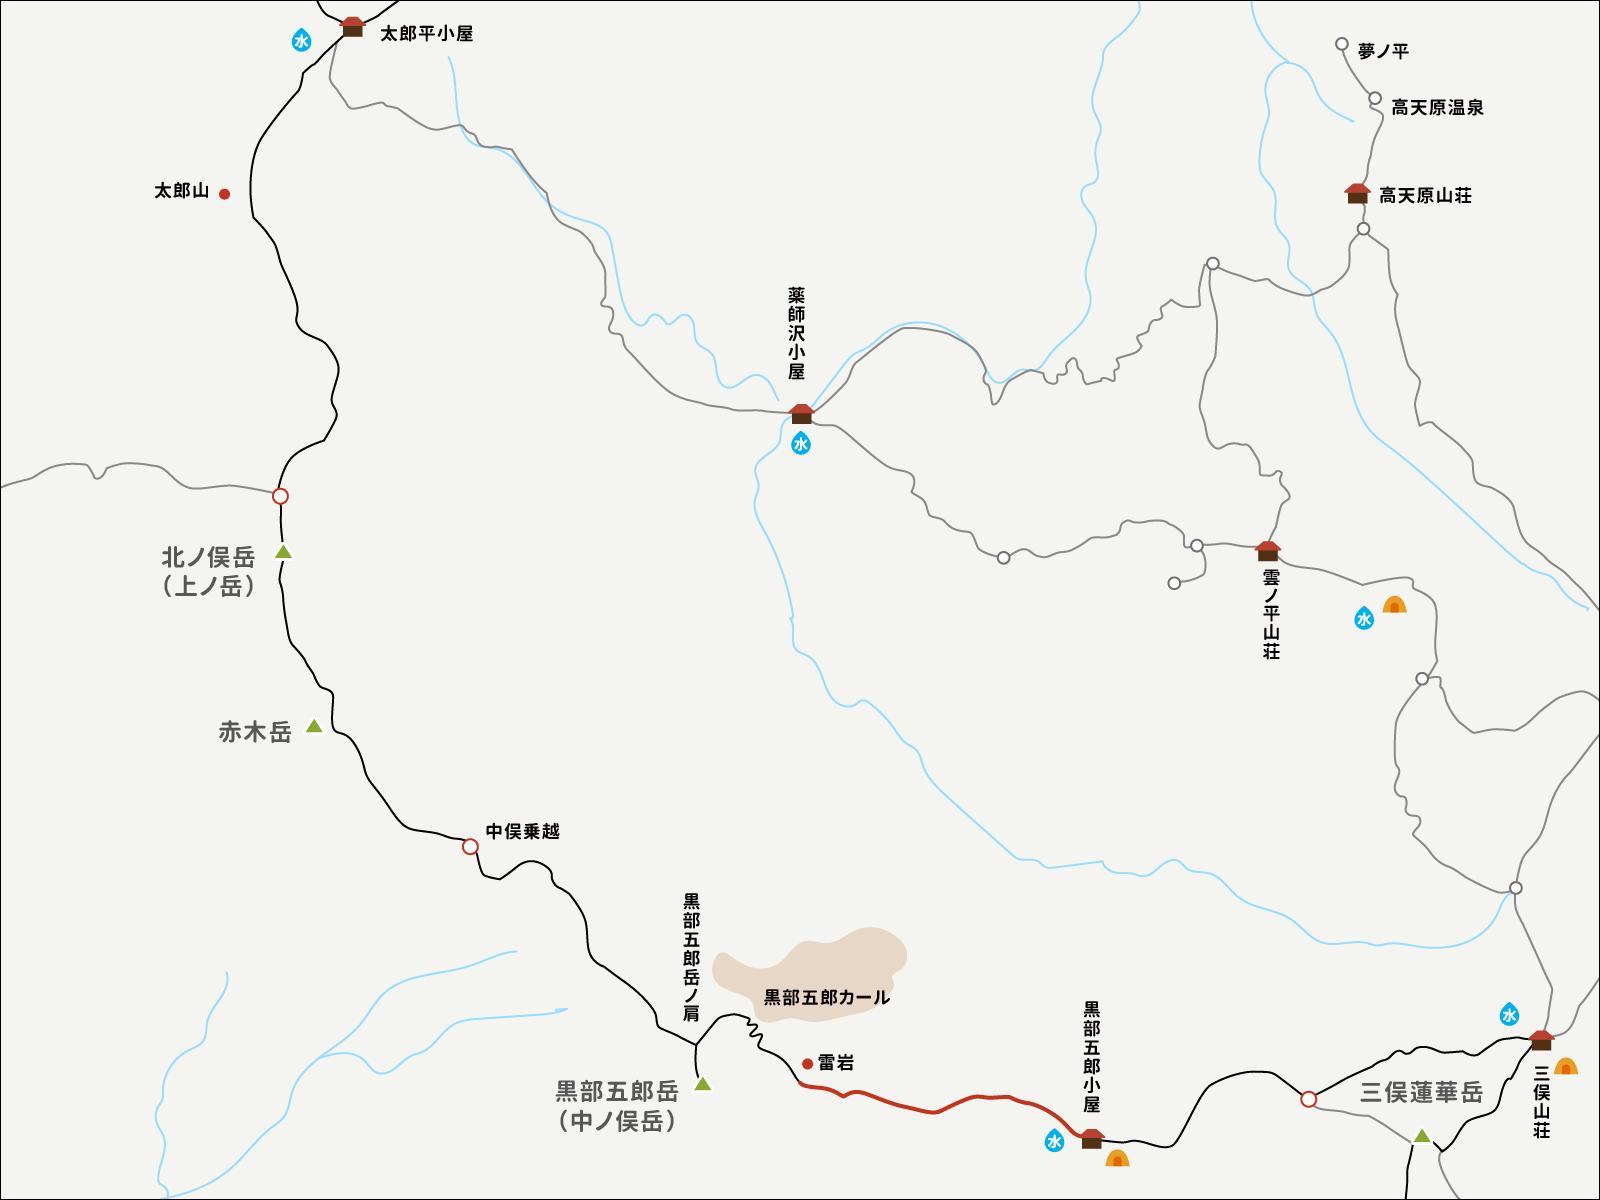 雷岩から黒部五郎小屋までのイラストマップ